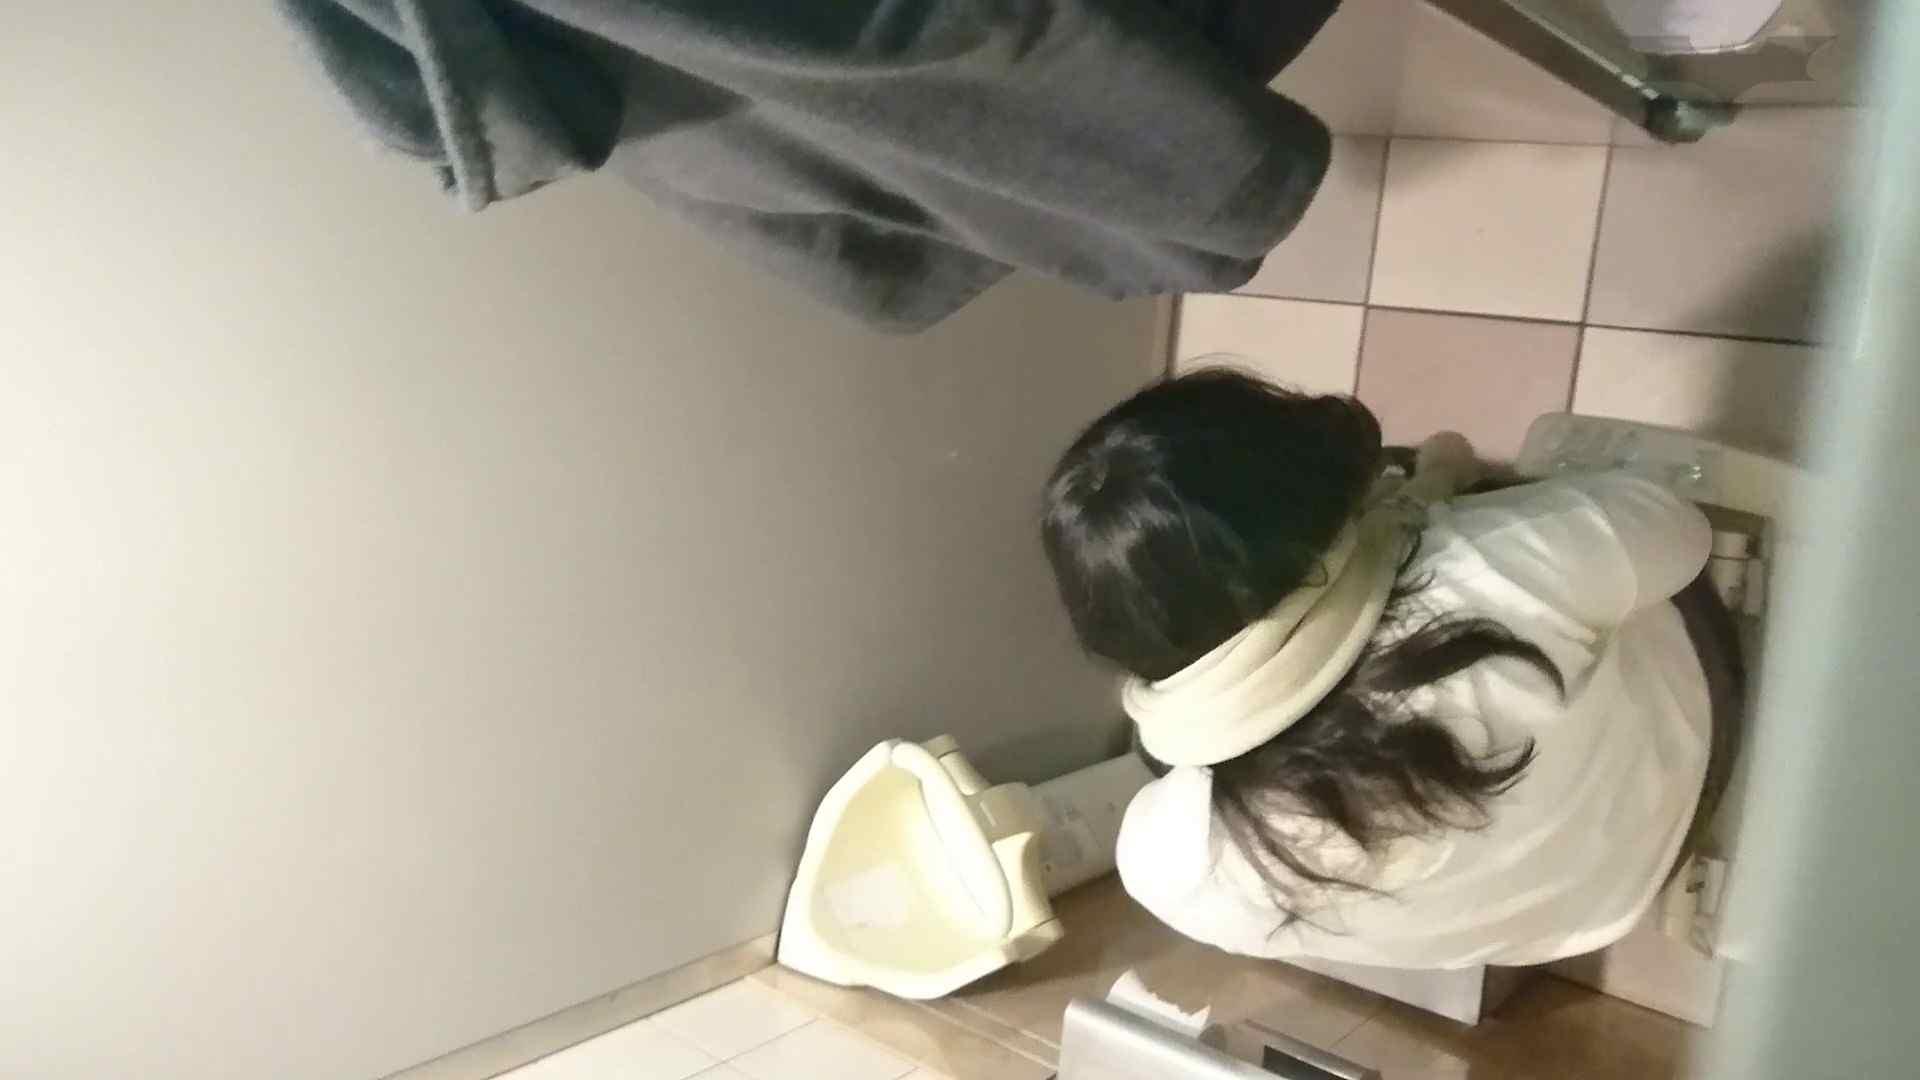 化粧室絵巻 ショッピングモール編 VOL.12 美肌  71PIX 44